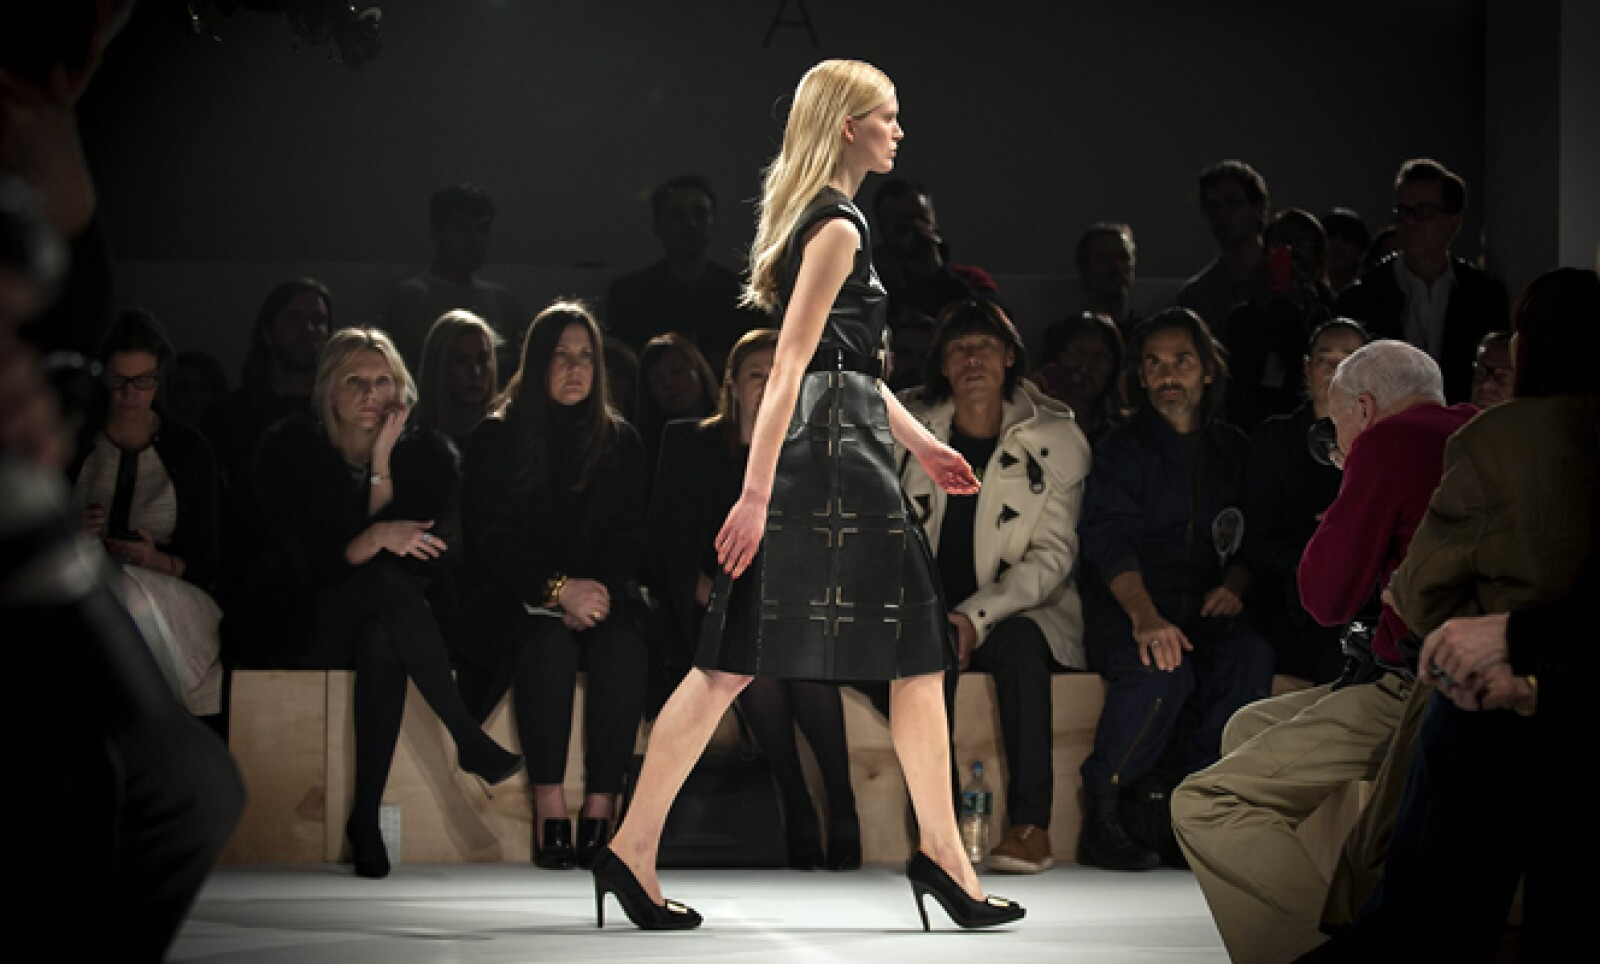 La firma Calvin Klein presentó la tarde del jueves su más reciente colección.